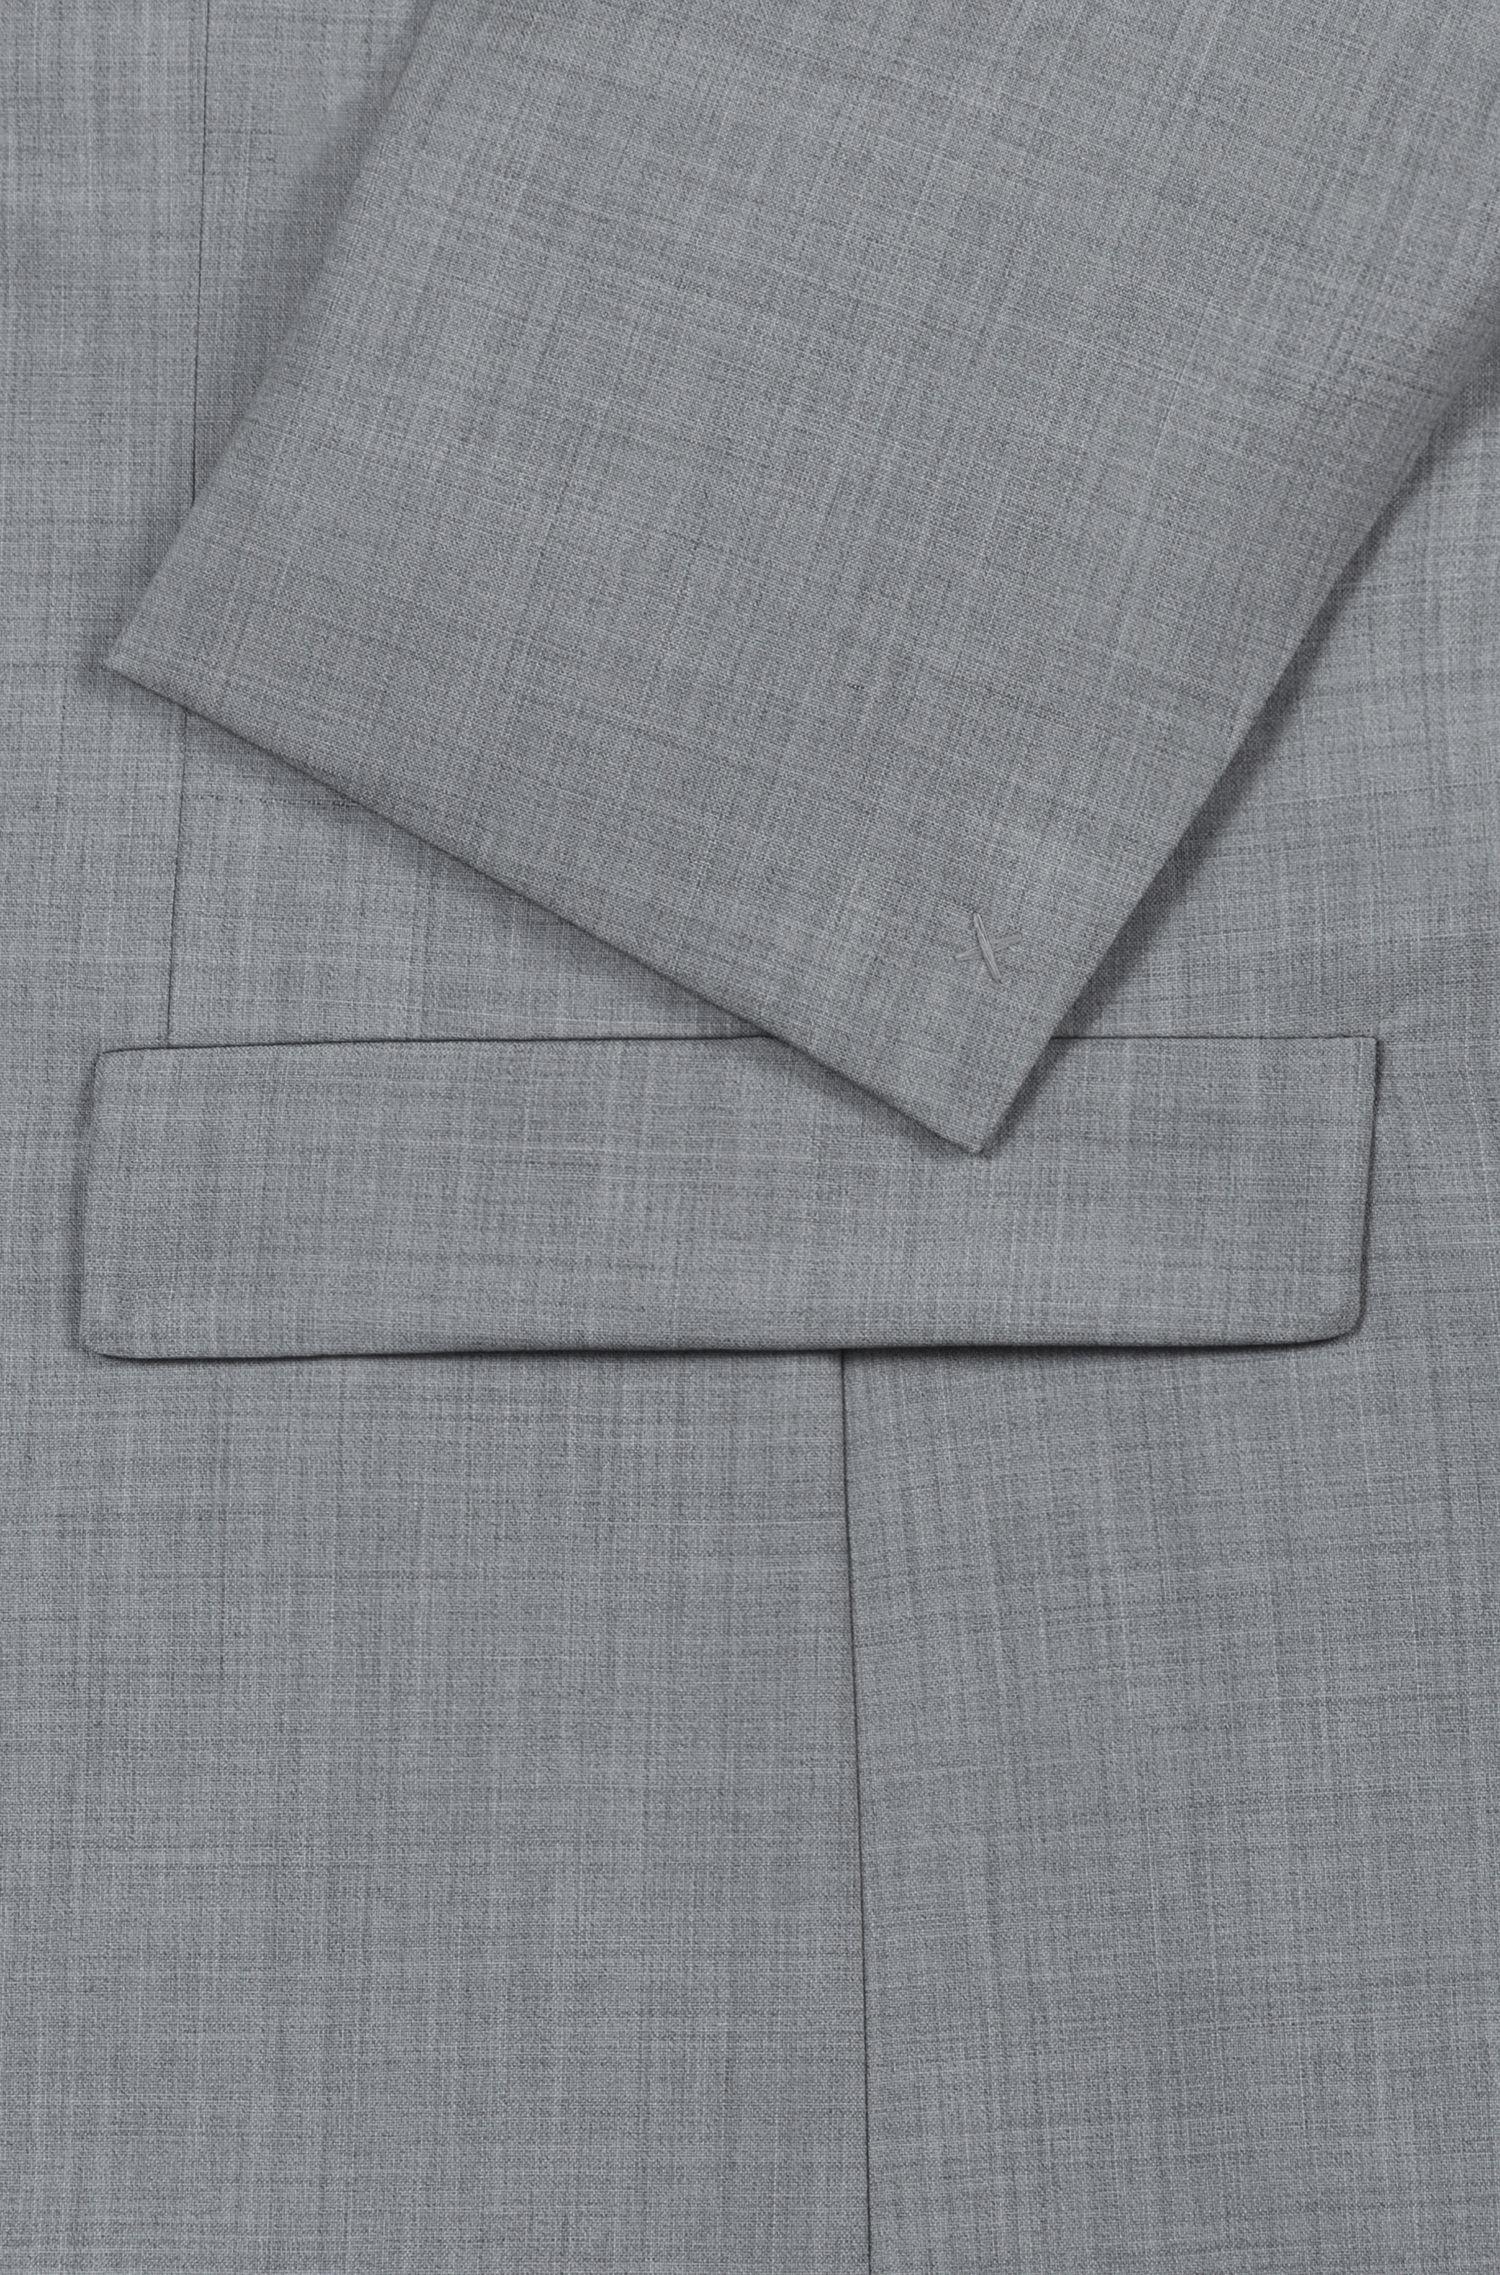 Extra-slim-fit jacket in patterned virgin wool, Grey